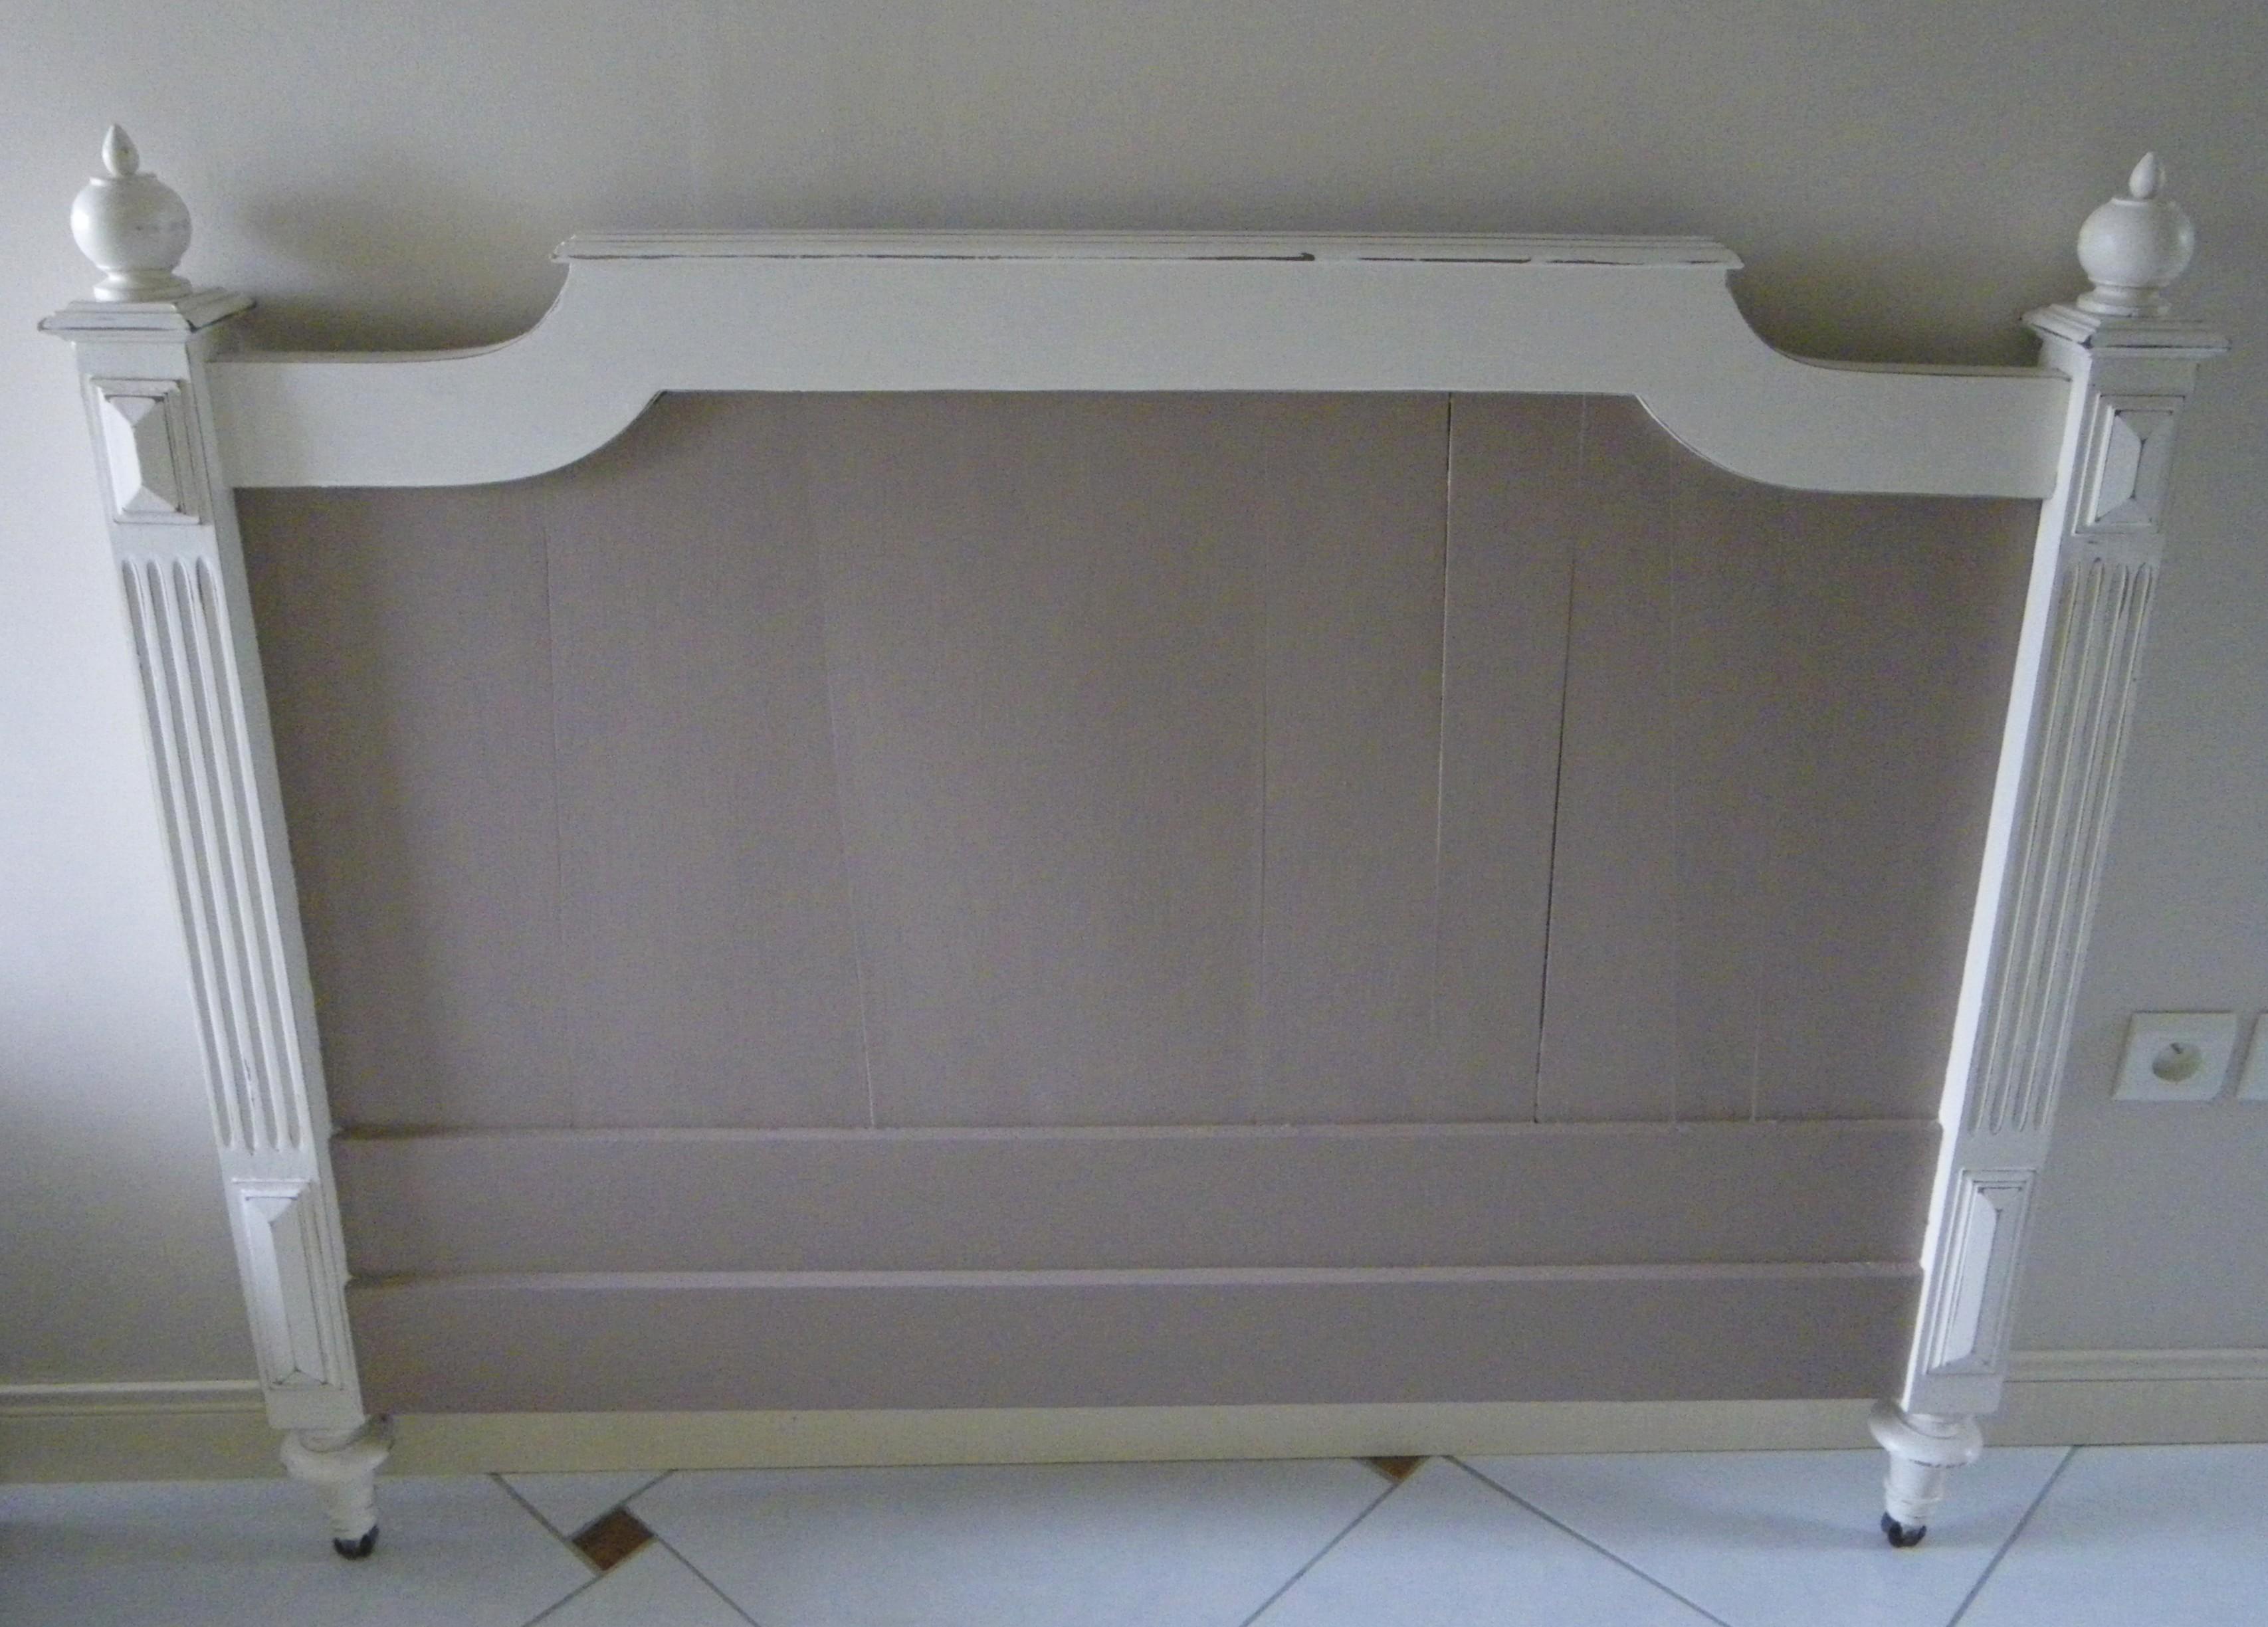 t te de lit ancienne patin e taupe et ficelle rallong e pour un lit en 160cm anjoudeco. Black Bedroom Furniture Sets. Home Design Ideas